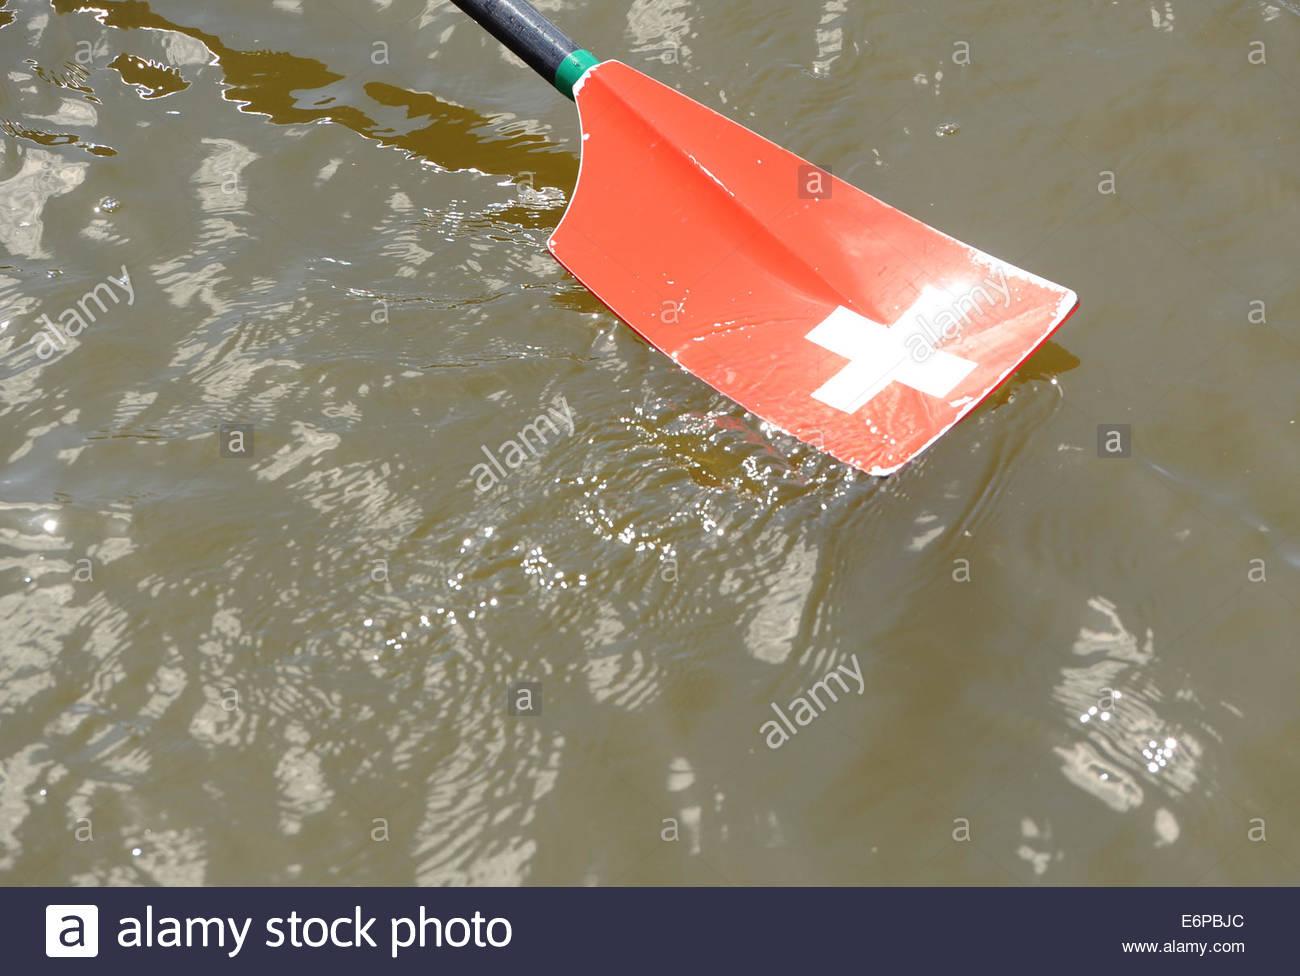 Amsterdam nl 27 Agosto 2014 Mondo campionati di canottaggio. Canottaggio svizzero remo. Immagini Stock